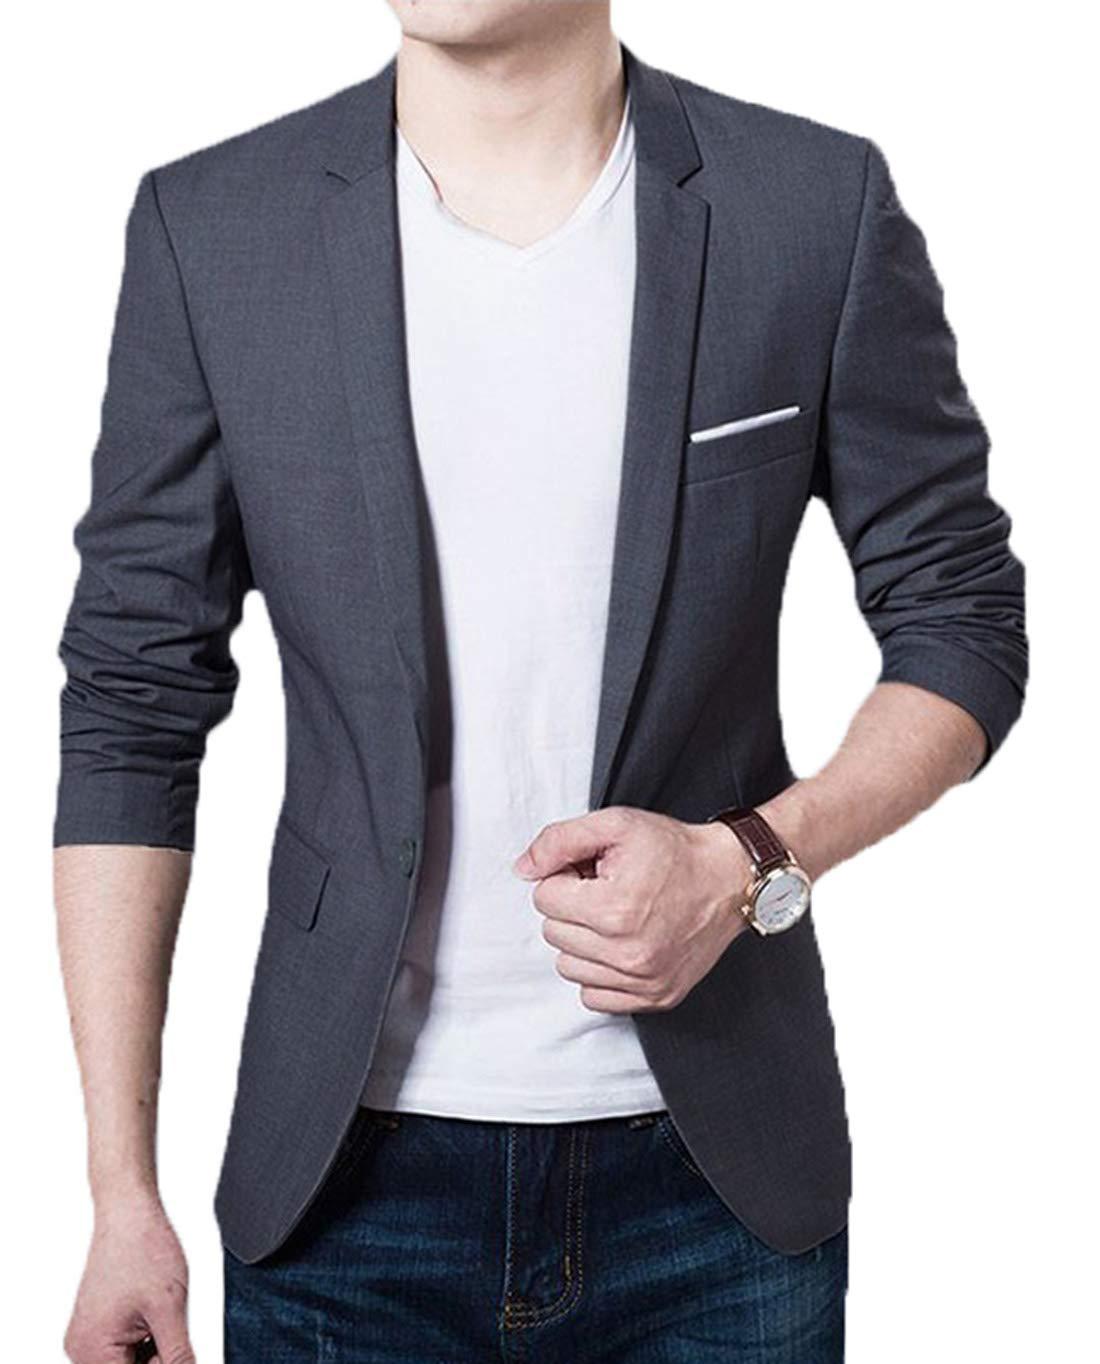 KIWEN Men's Lightweight Slim Fit Casual Wear Suit Blazer Jackets(Gray,M Size) by KIWEN